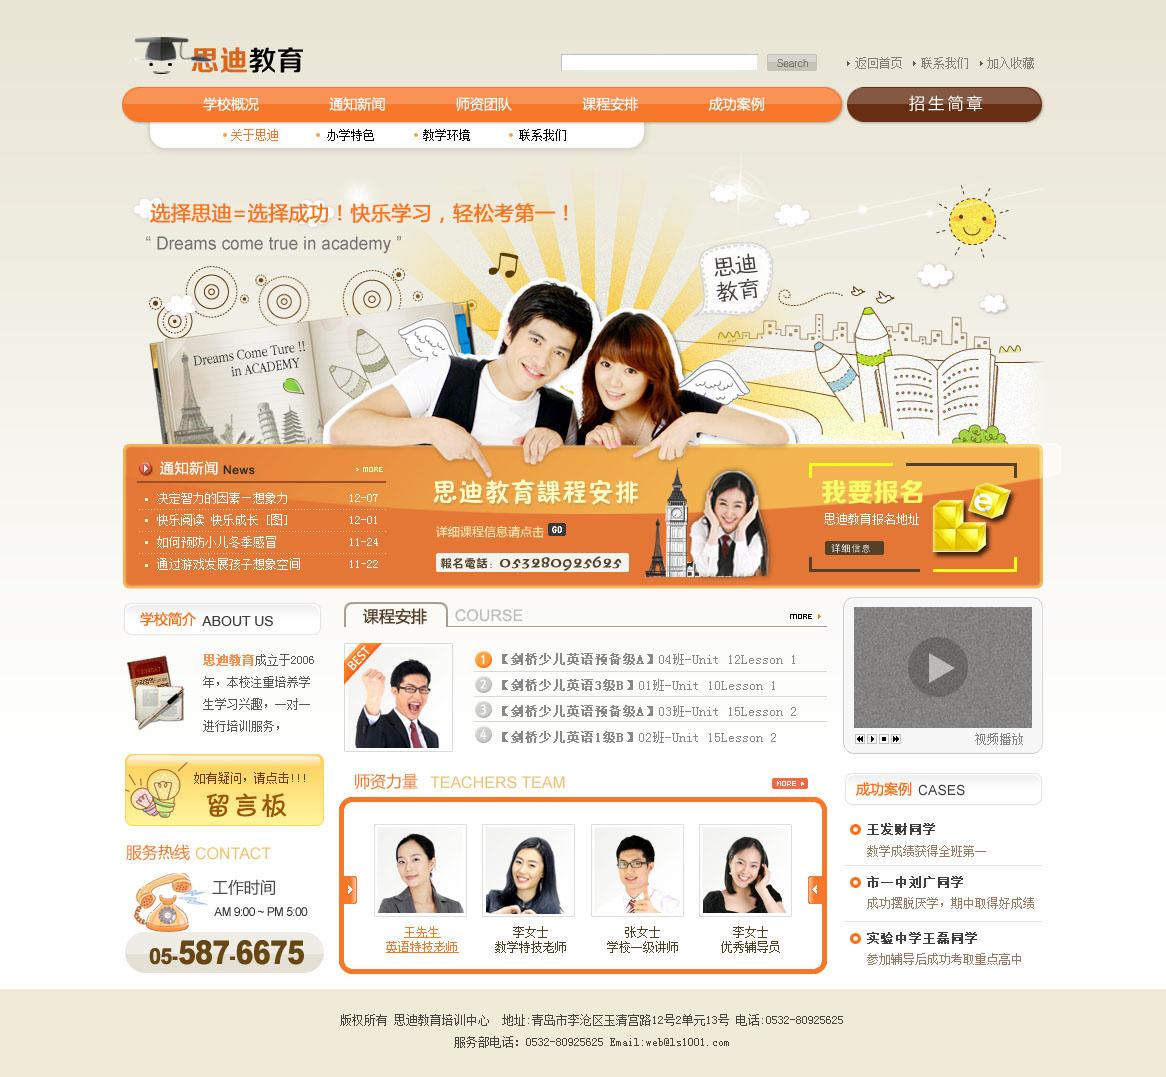 教育网站建设